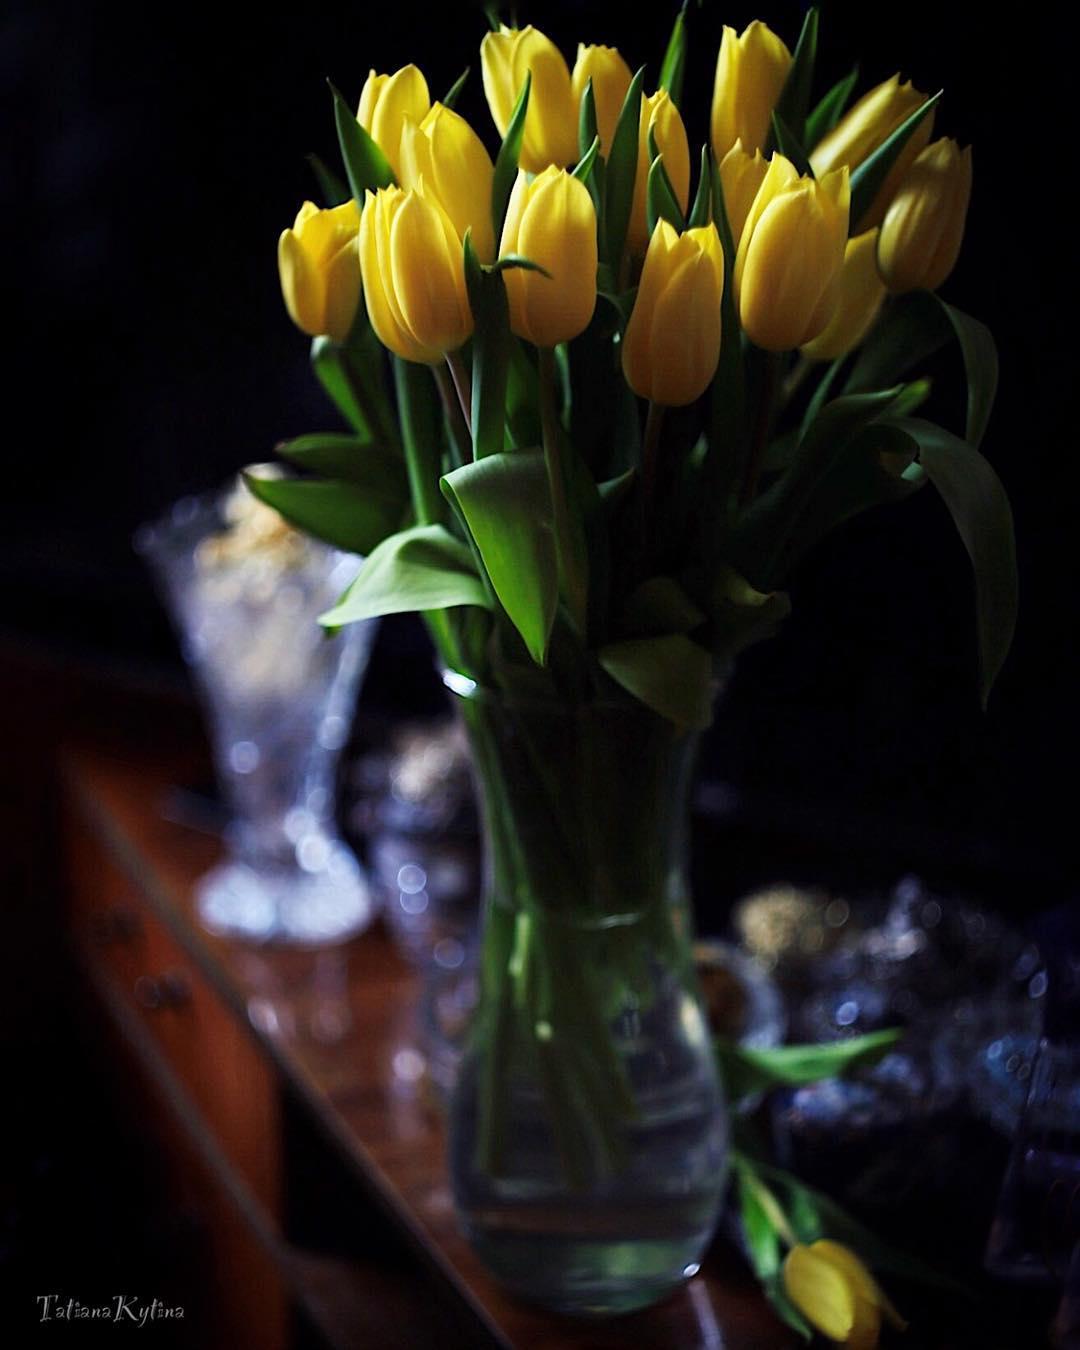 для пола картинки тюльпаны красивые букеты в вазе внимание уделите подсветке